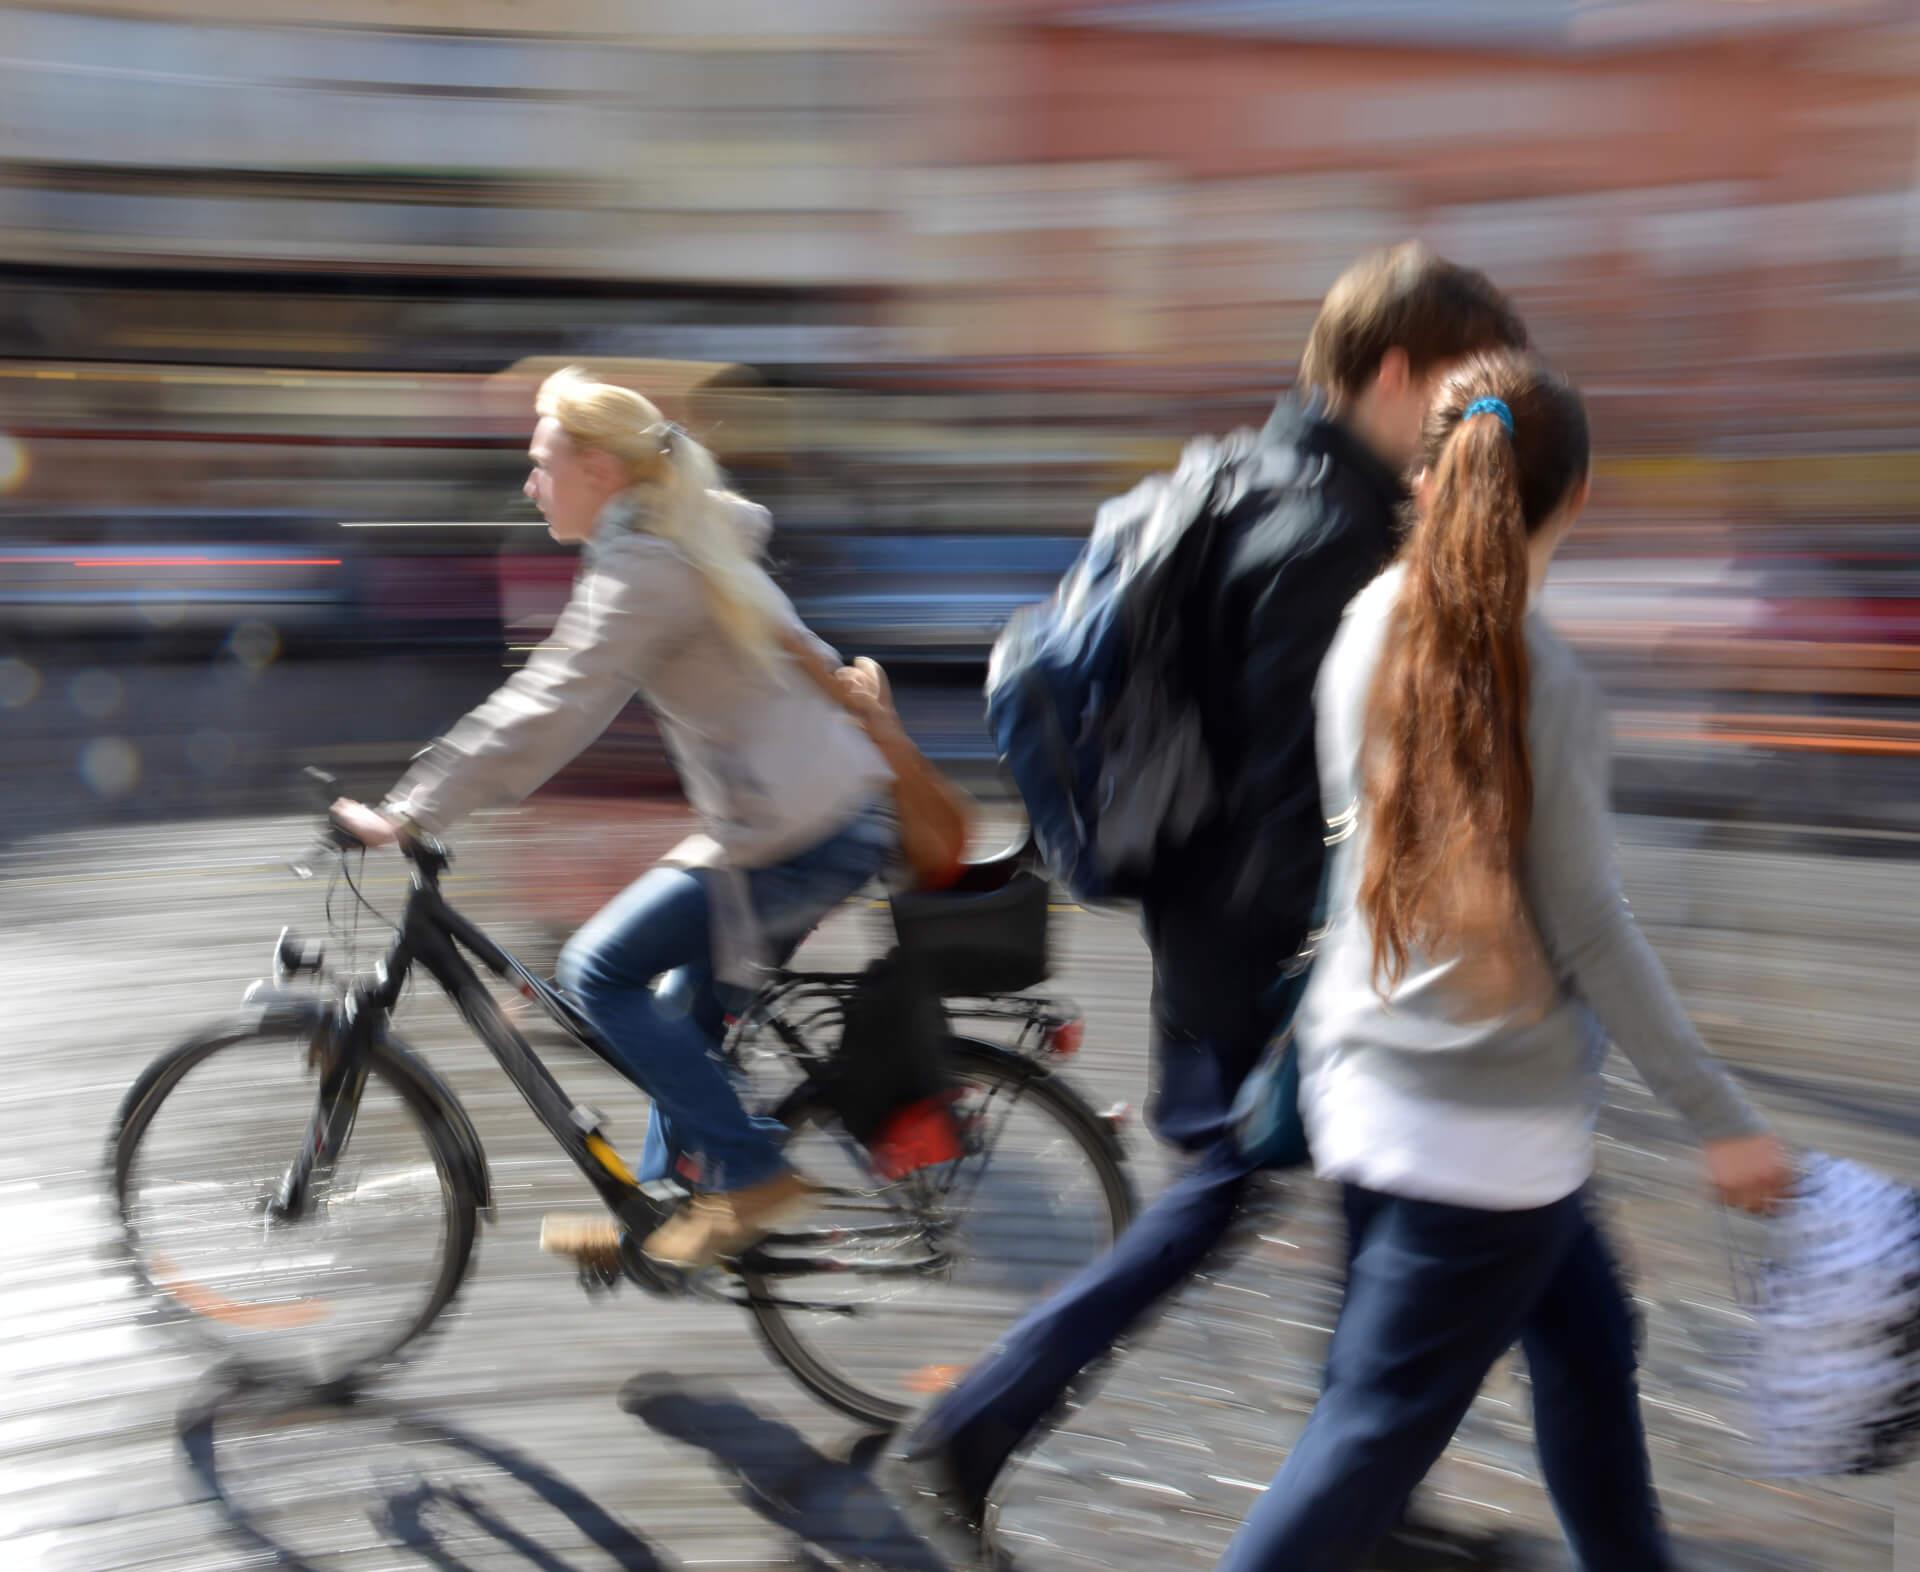 Påkjørt av syklist på gangvei eller sykkelsti